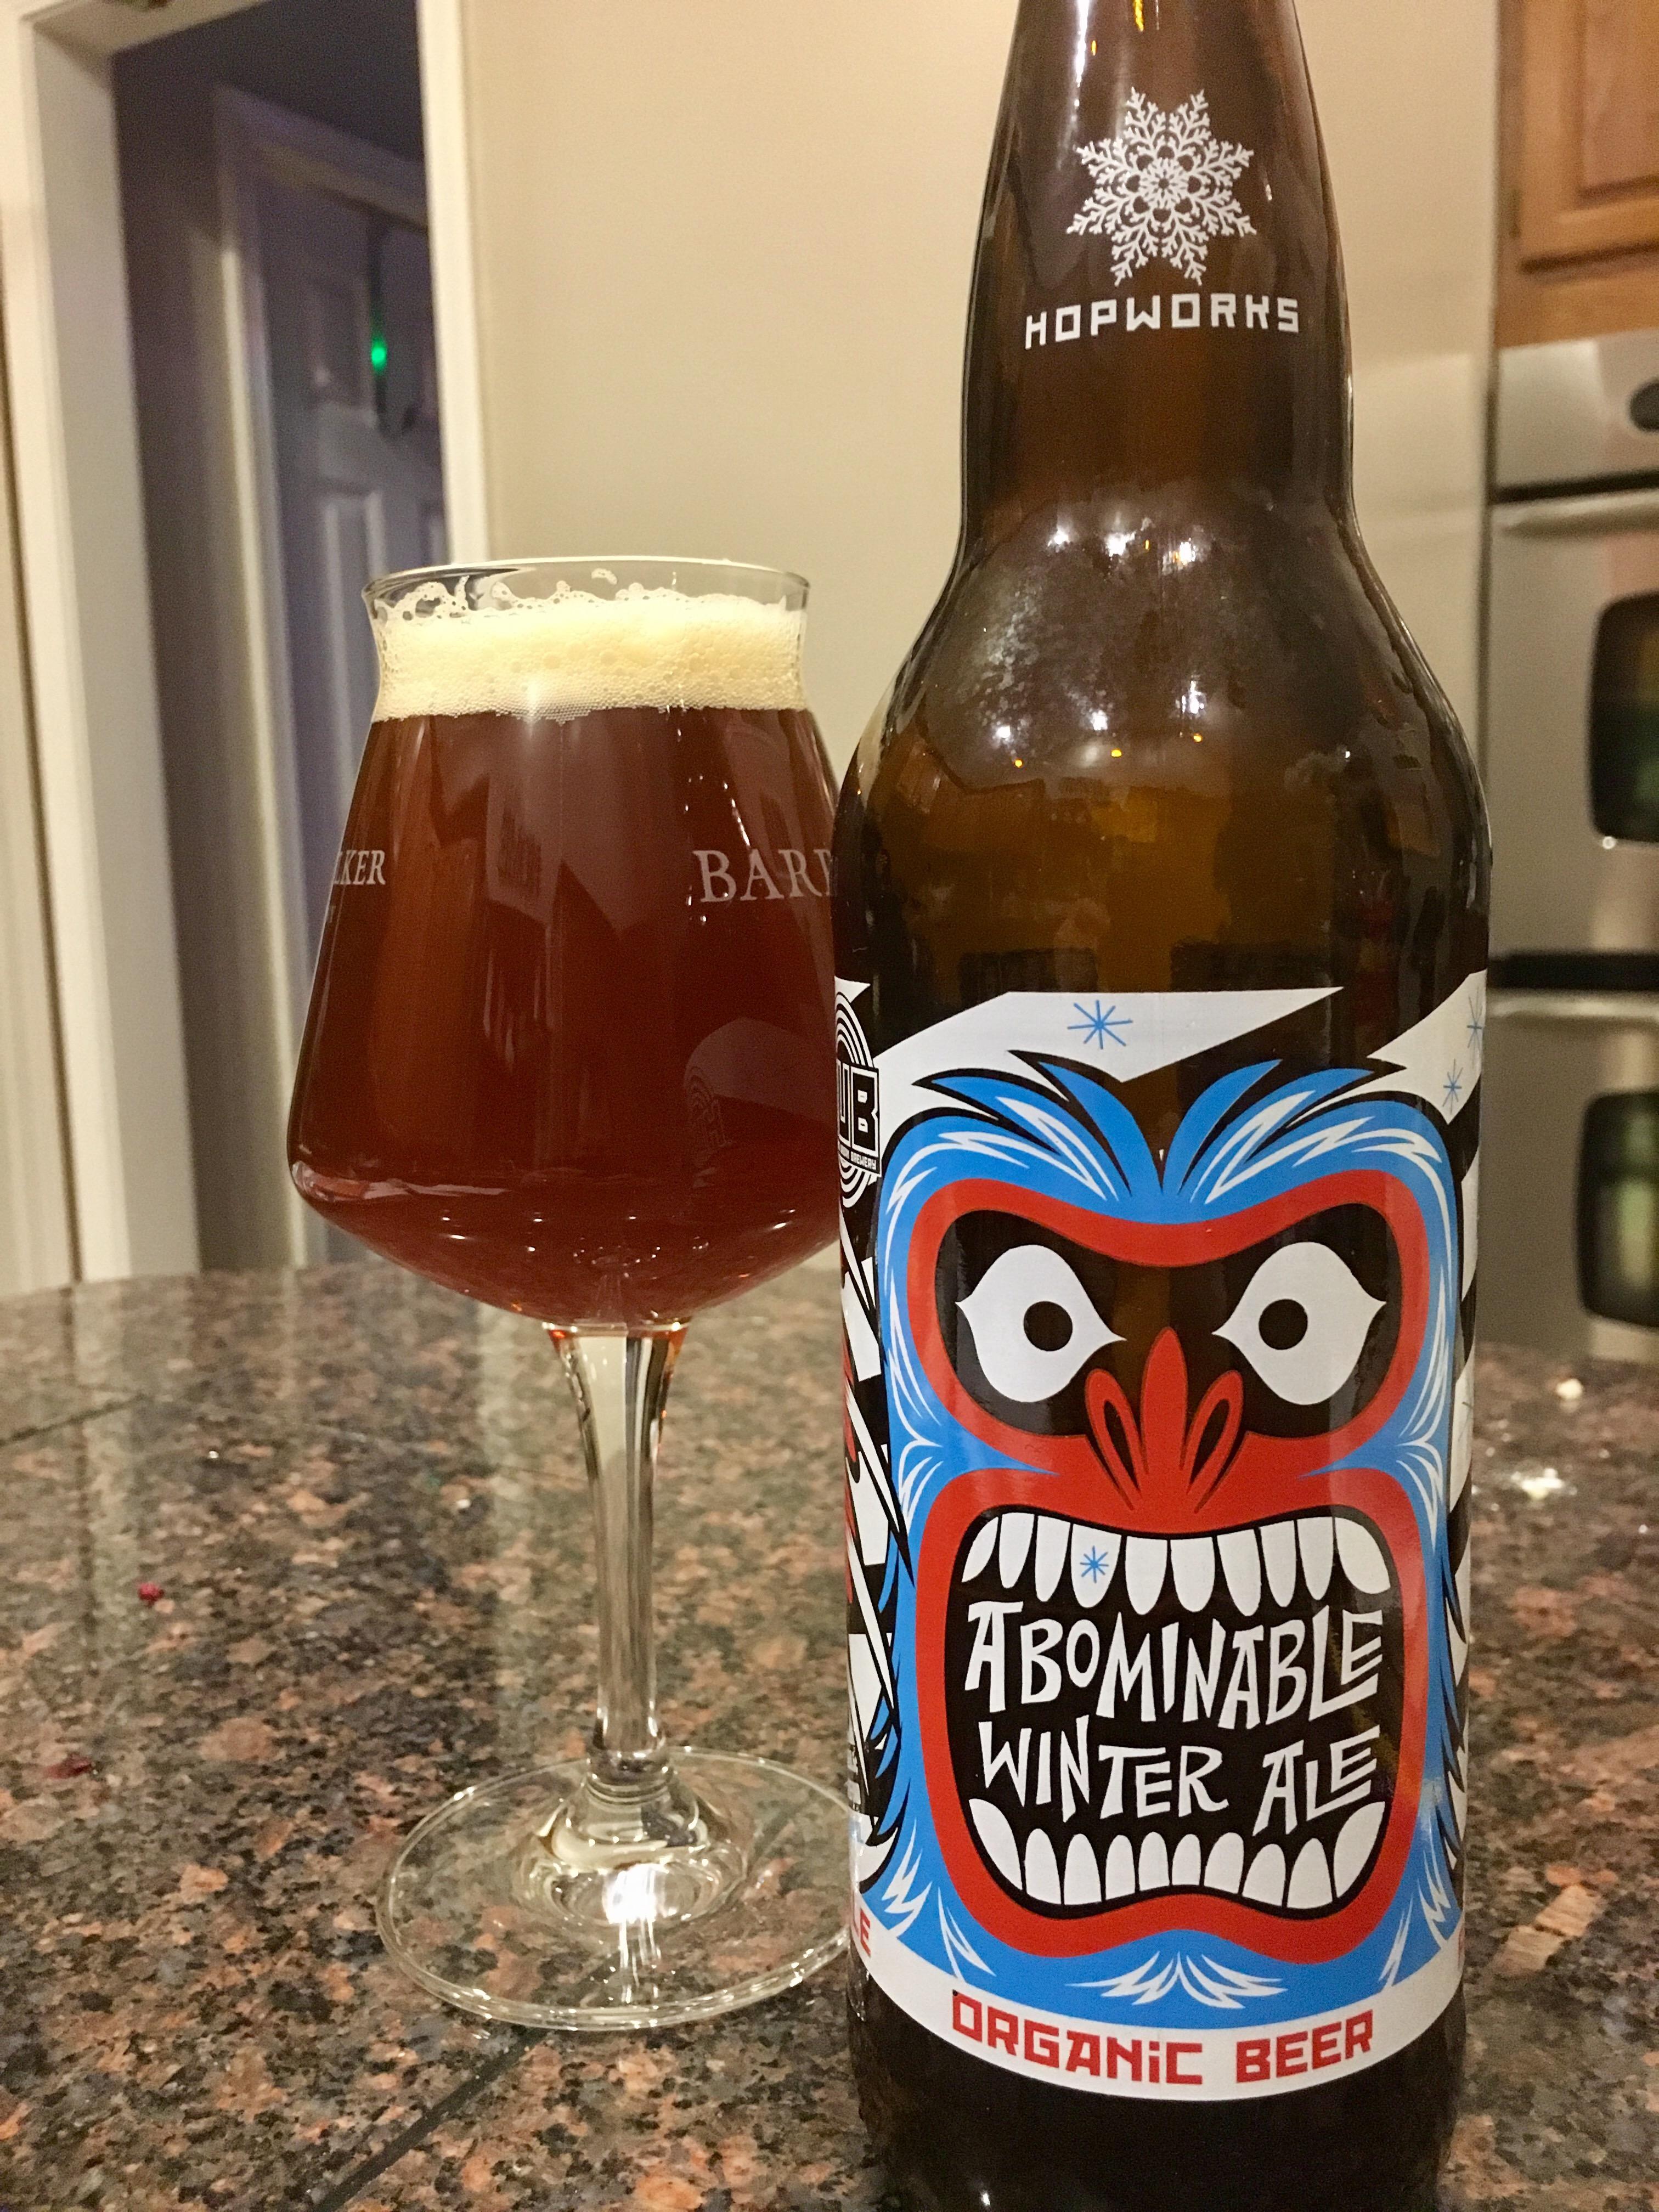 831. Hopworks Urban Brewery (HUB) - Abominable Winter Ale